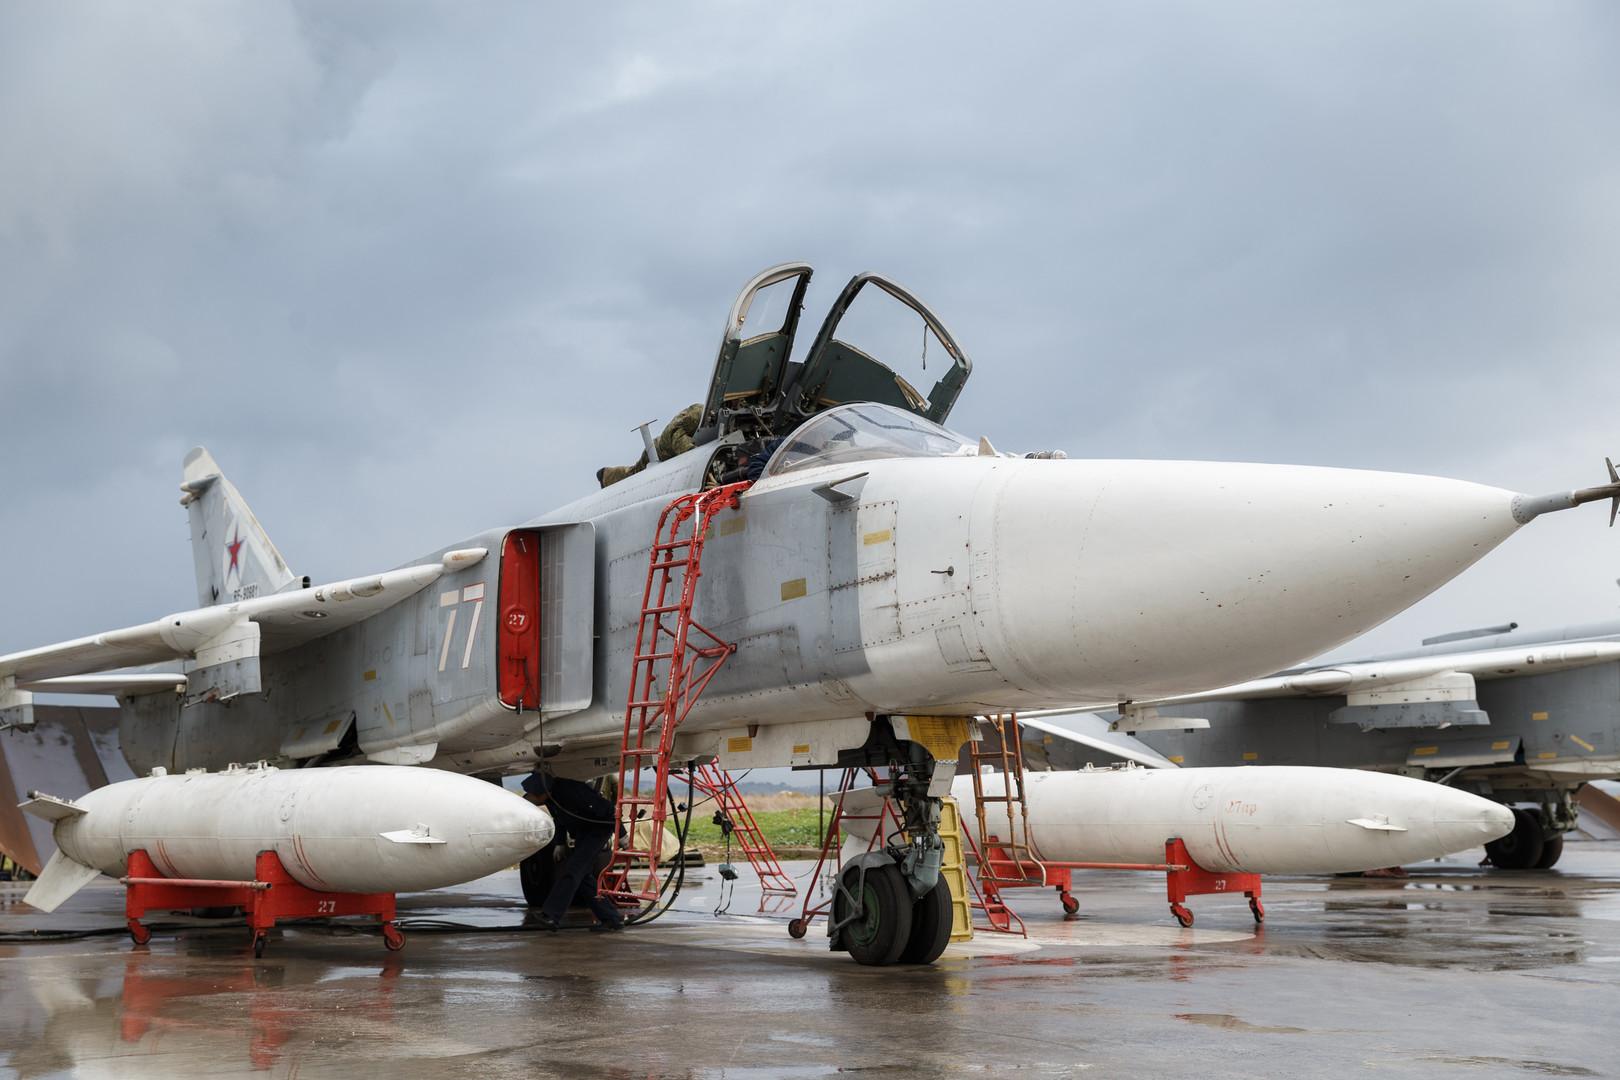 Владимир Путин внёс в Госдуму соглашение о размещении в Сирии авиационной группы ВС РФ